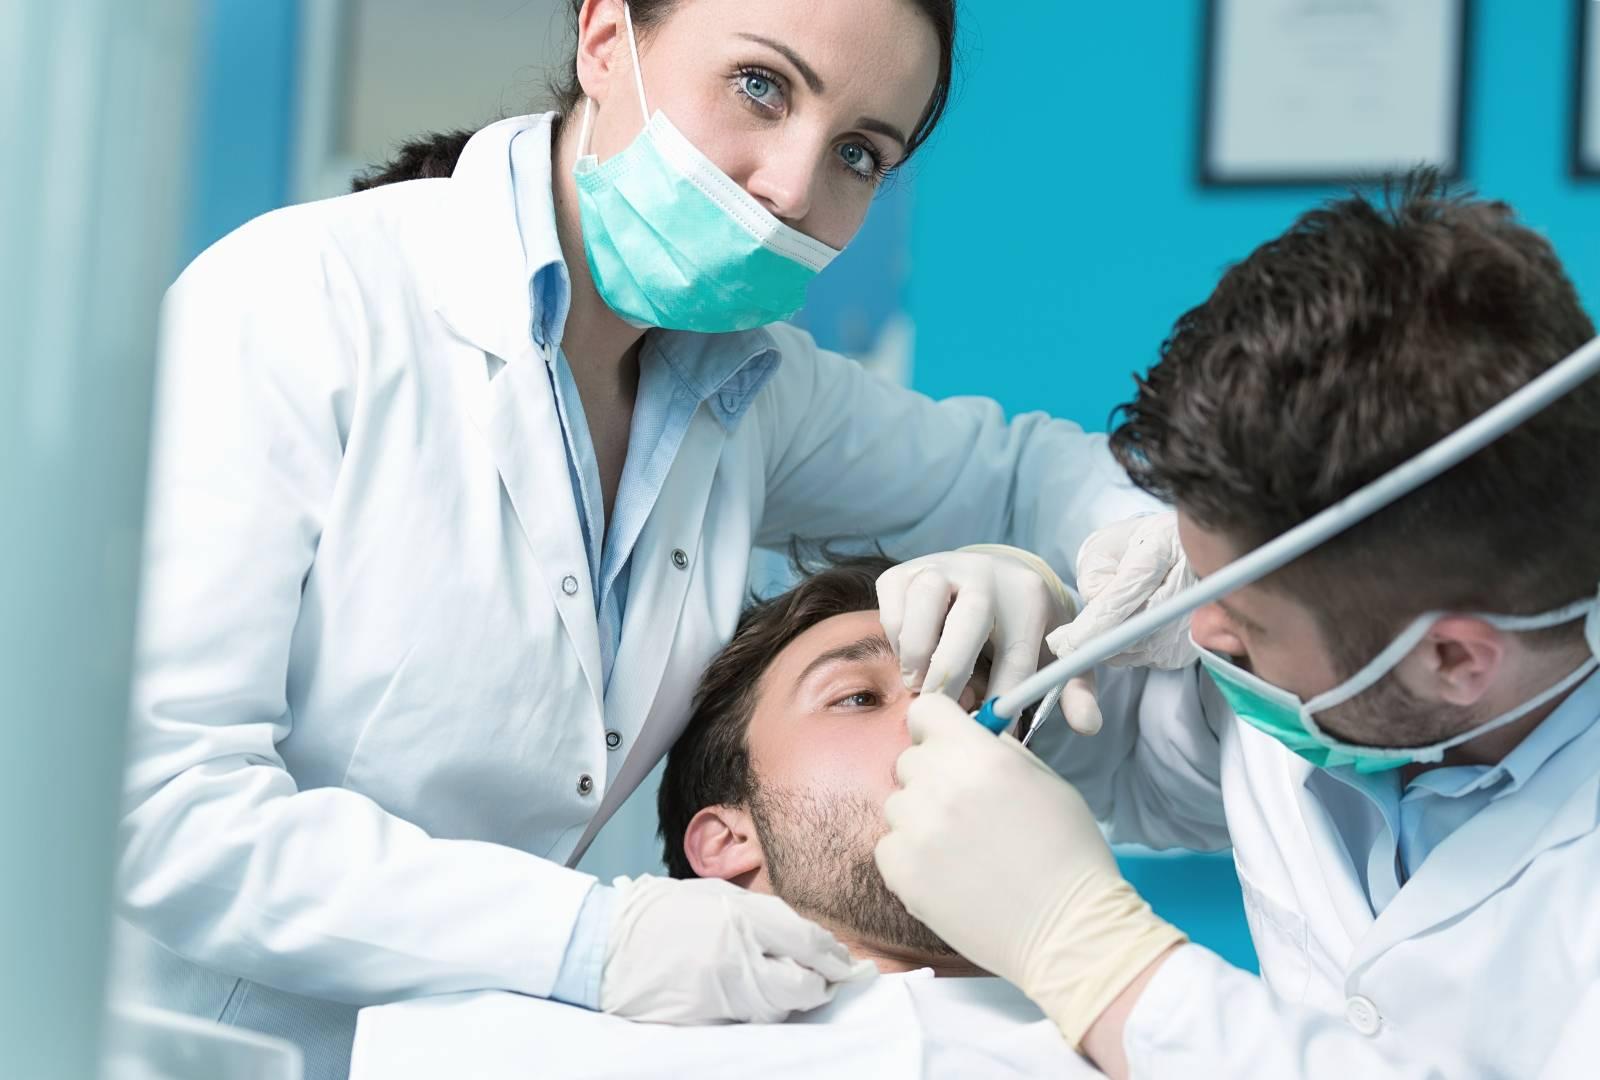 Цены - Стоматология Тольятти, недорогая стоматология - прейскурант стоматологических услуг